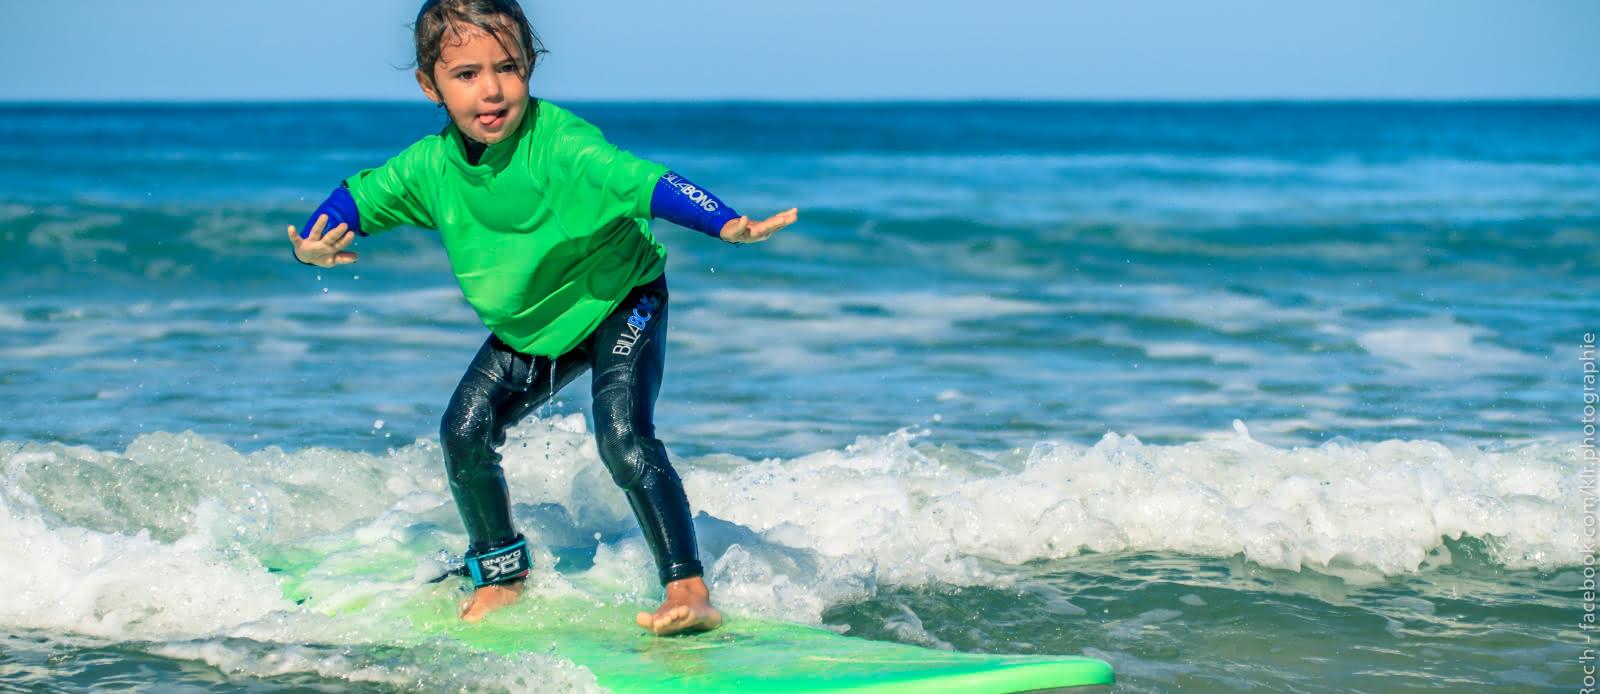 Pirate Surfing Surf Lacanau (15)